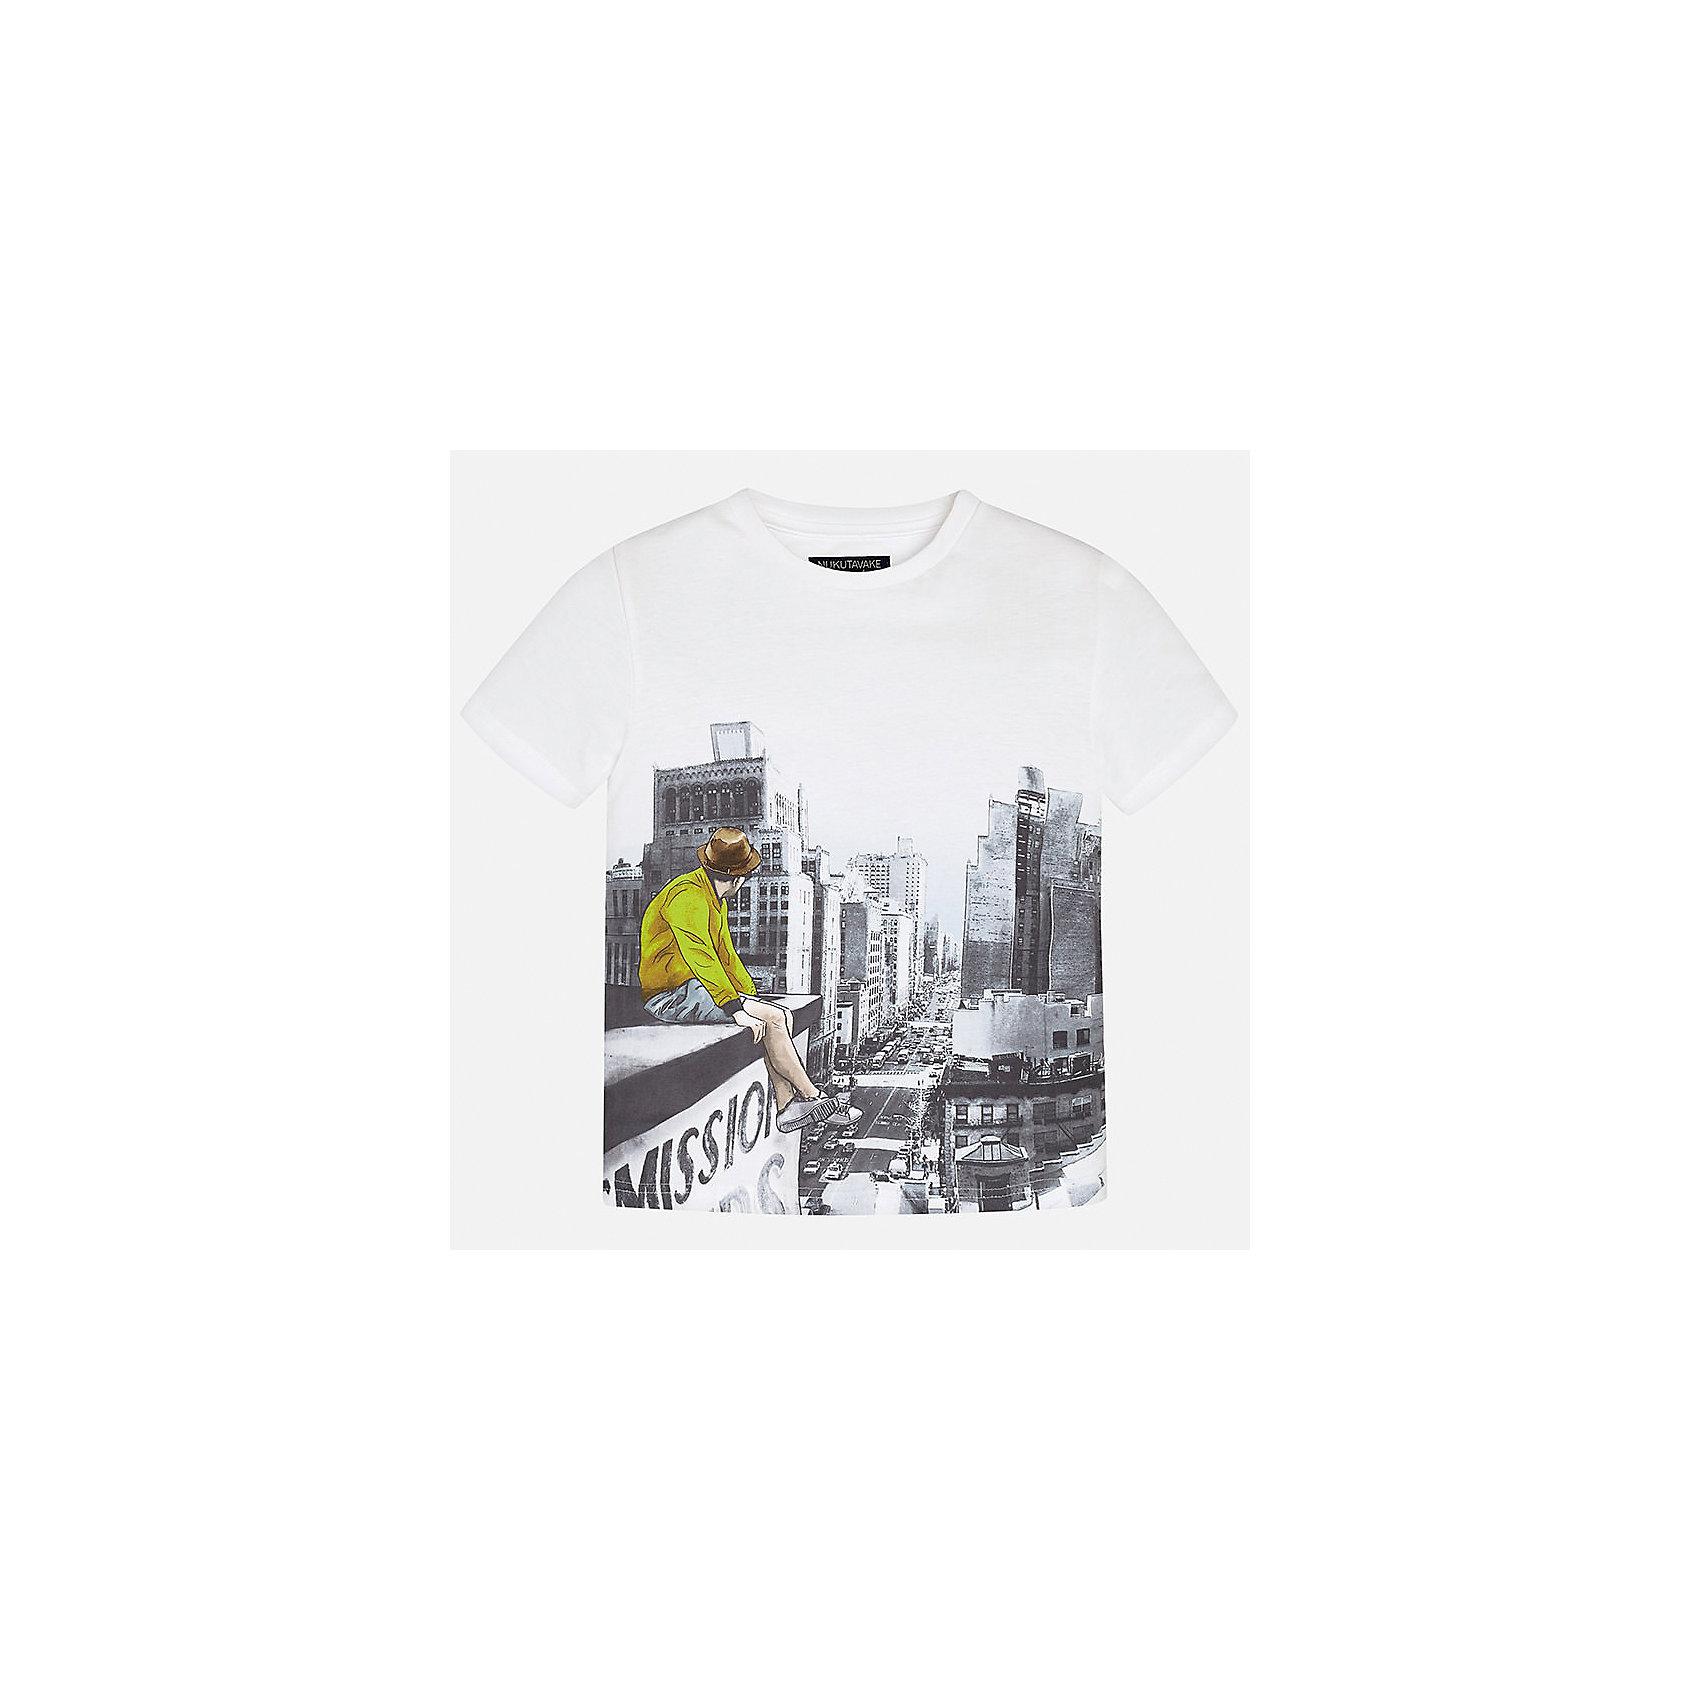 Футболка для мальчика MayoralФутболки, поло и топы<br>Характеристики товара:<br><br>• цвет: белый<br>• состав: 100% хлопок<br>• круглый горловой вырез<br>• декорирована принтом<br>• короткие рукава<br>• мягкая отделка горловины<br>• страна бренда: Испания<br><br>Стильная удобная футболка с принтом поможет разнообразить гардероб мальчика. Она отлично сочетается с брюками, шортами, джинсами. Универсальный крой и цвет позволяет подобрать к вещи низ разных расцветок. Практичное и стильное изделие! Хорошо смотрится и комфортно сидит на детях. В составе материала - натуральный хлопок, гипоаллергенный, приятный на ощупь, дышащий. <br><br>Одежда, обувь и аксессуары от испанского бренда Mayoral полюбились детям и взрослым по всему миру. Модели этой марки - стильные и удобные. Для их производства используются только безопасные, качественные материалы и фурнитура. Порадуйте ребенка модными и красивыми вещами от Mayoral! <br><br>Футболку для мальчика от испанского бренда Mayoral (Майорал) можно купить в нашем интернет-магазине.<br><br>Ширина мм: 199<br>Глубина мм: 10<br>Высота мм: 161<br>Вес г: 151<br>Цвет: зеленый<br>Возраст от месяцев: 144<br>Возраст до месяцев: 156<br>Пол: Мужской<br>Возраст: Детский<br>Размер: 164,158,152,140,128/134,170<br>SKU: 5281237